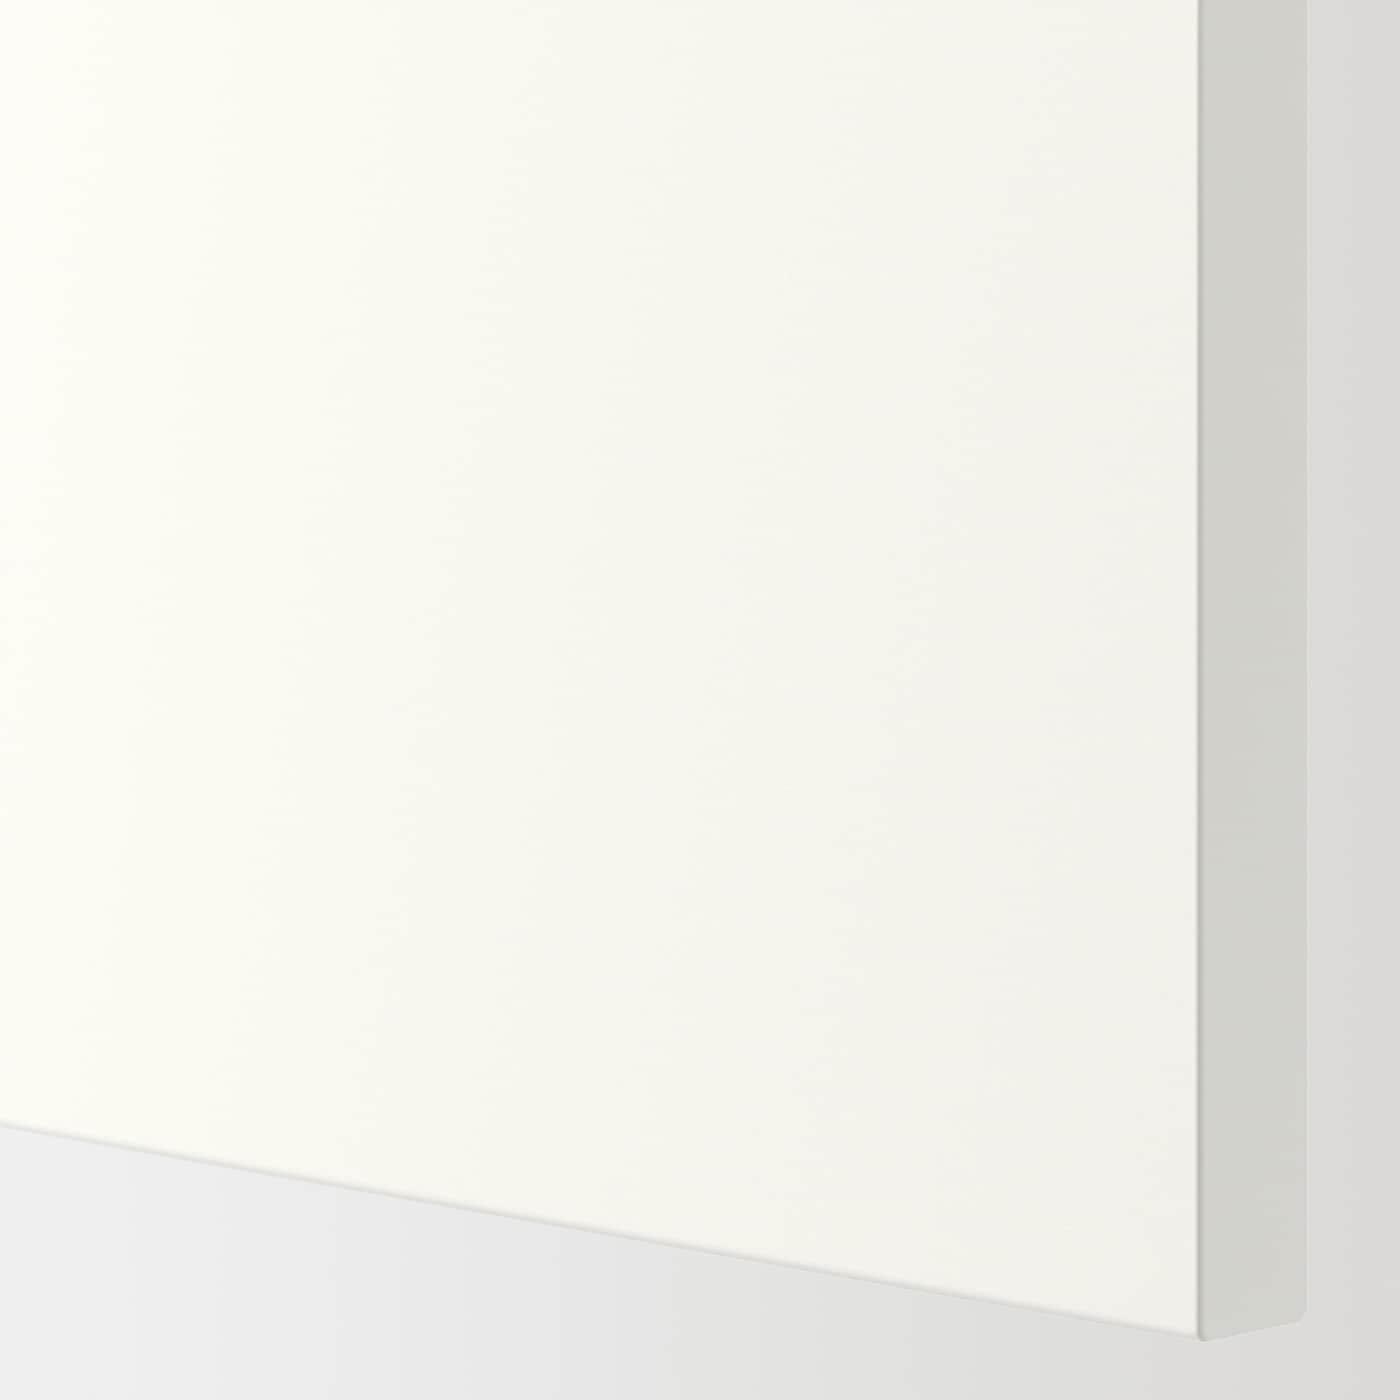 ENHET Wall cb w 2 shlvs/door, white, 60x32x75 cm